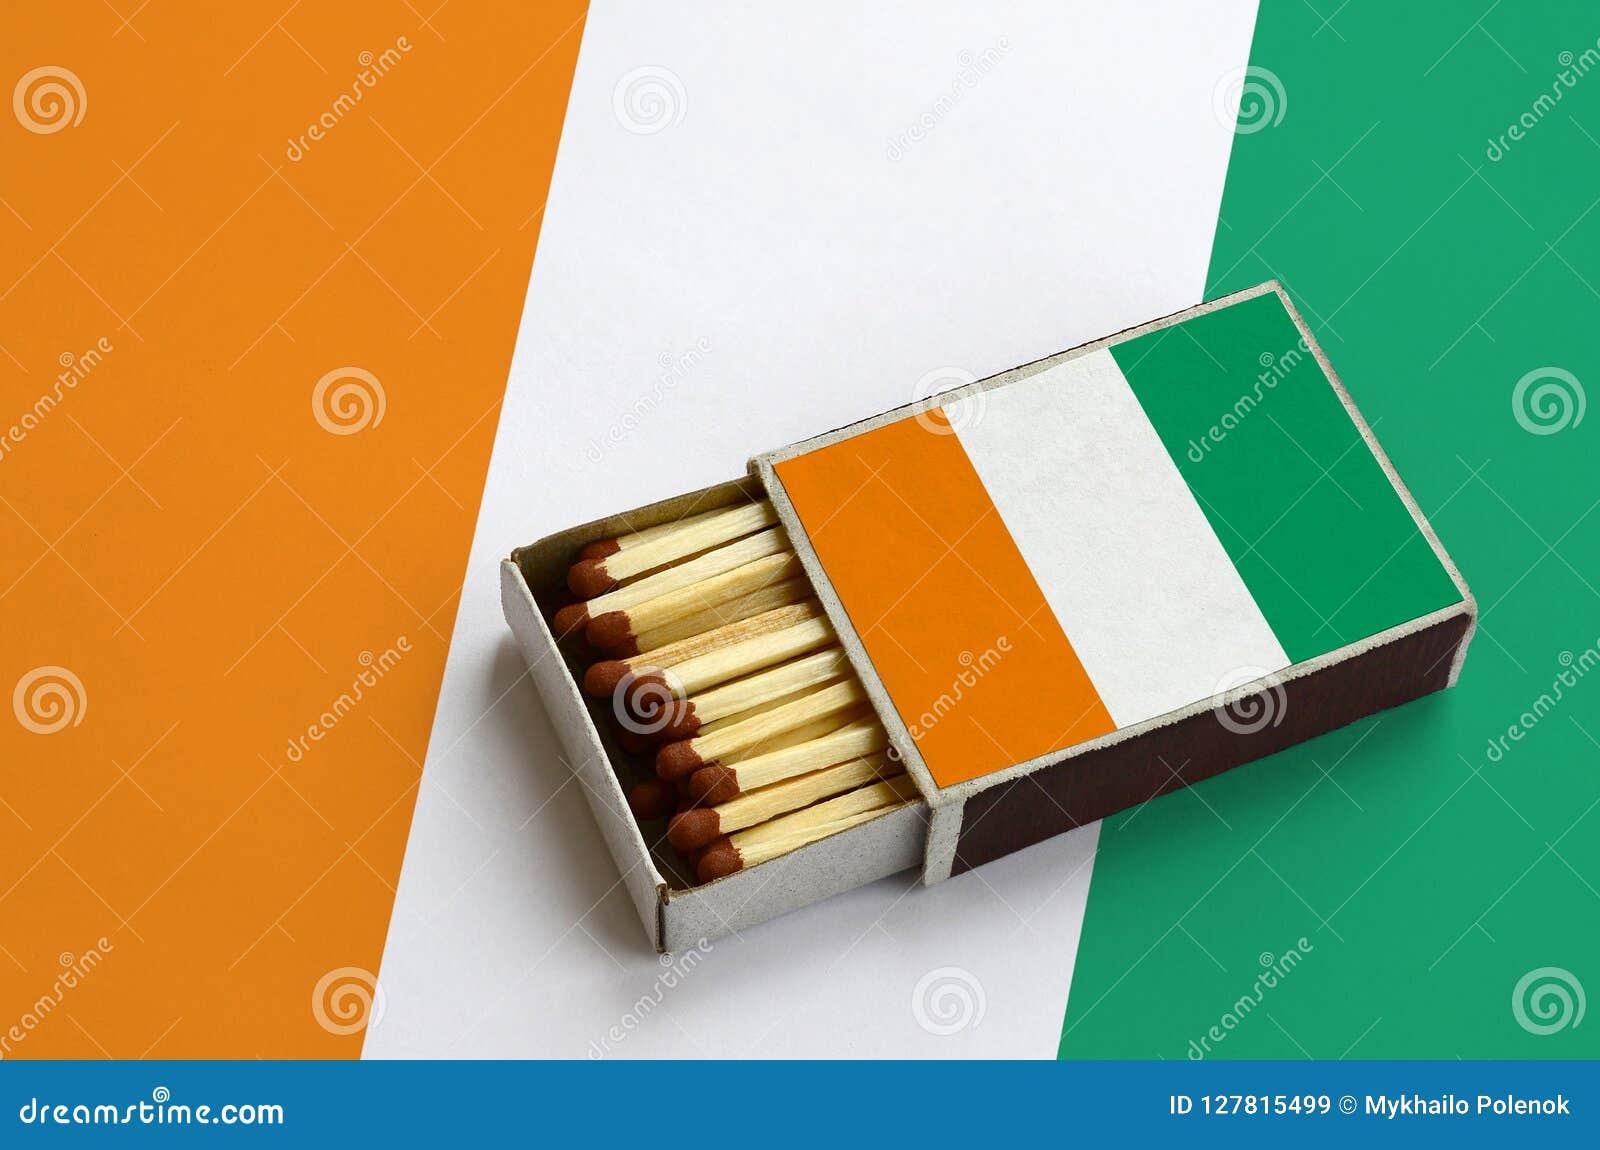 Le drapeau de la Côte d Ivoire est montré dans une boîte d allumettes ouverte, qui est remplie de matchs et se trouve sur un gran